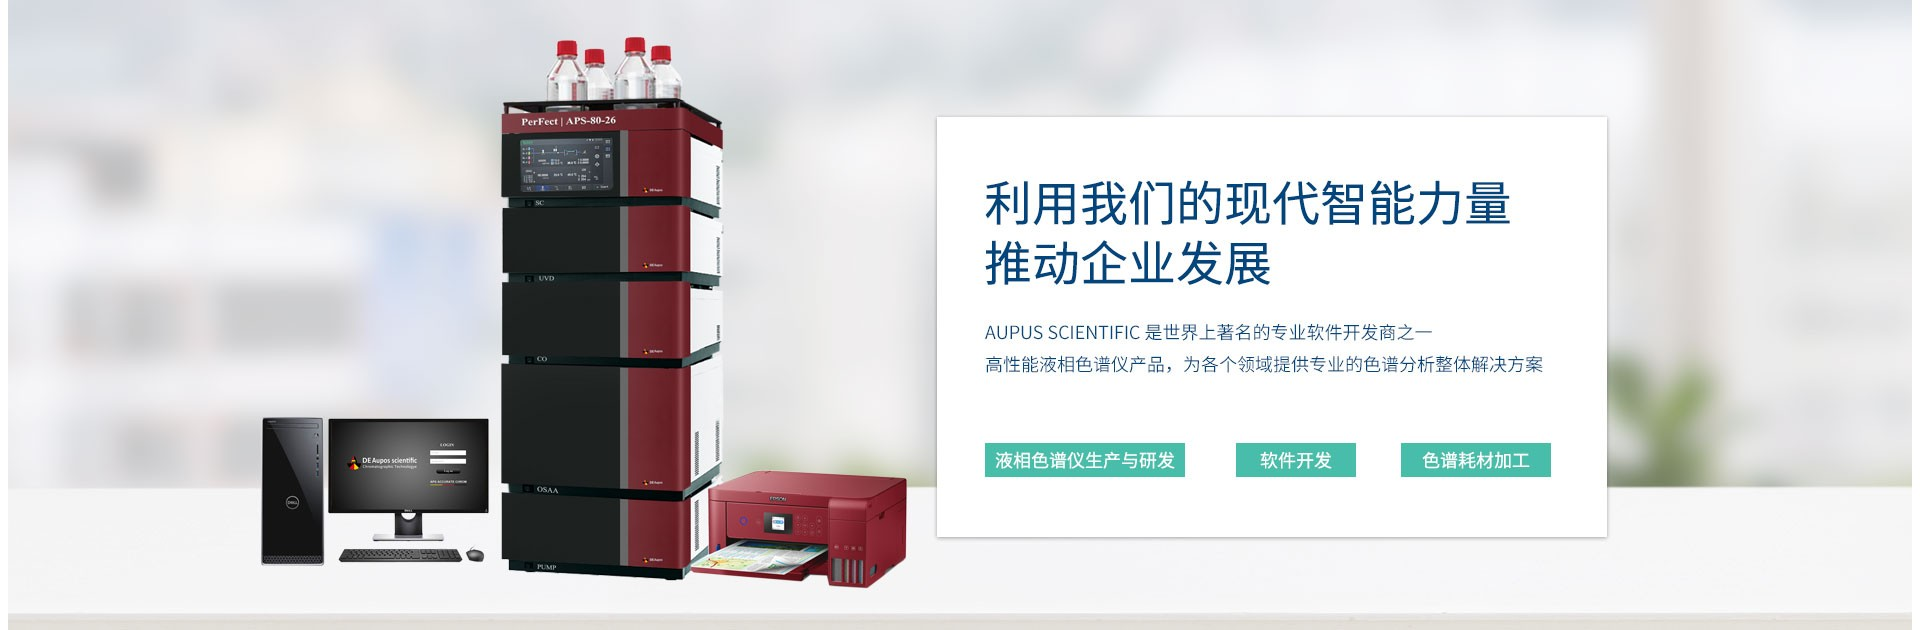 Luxury-APS-8036 超高压液相色谱仪